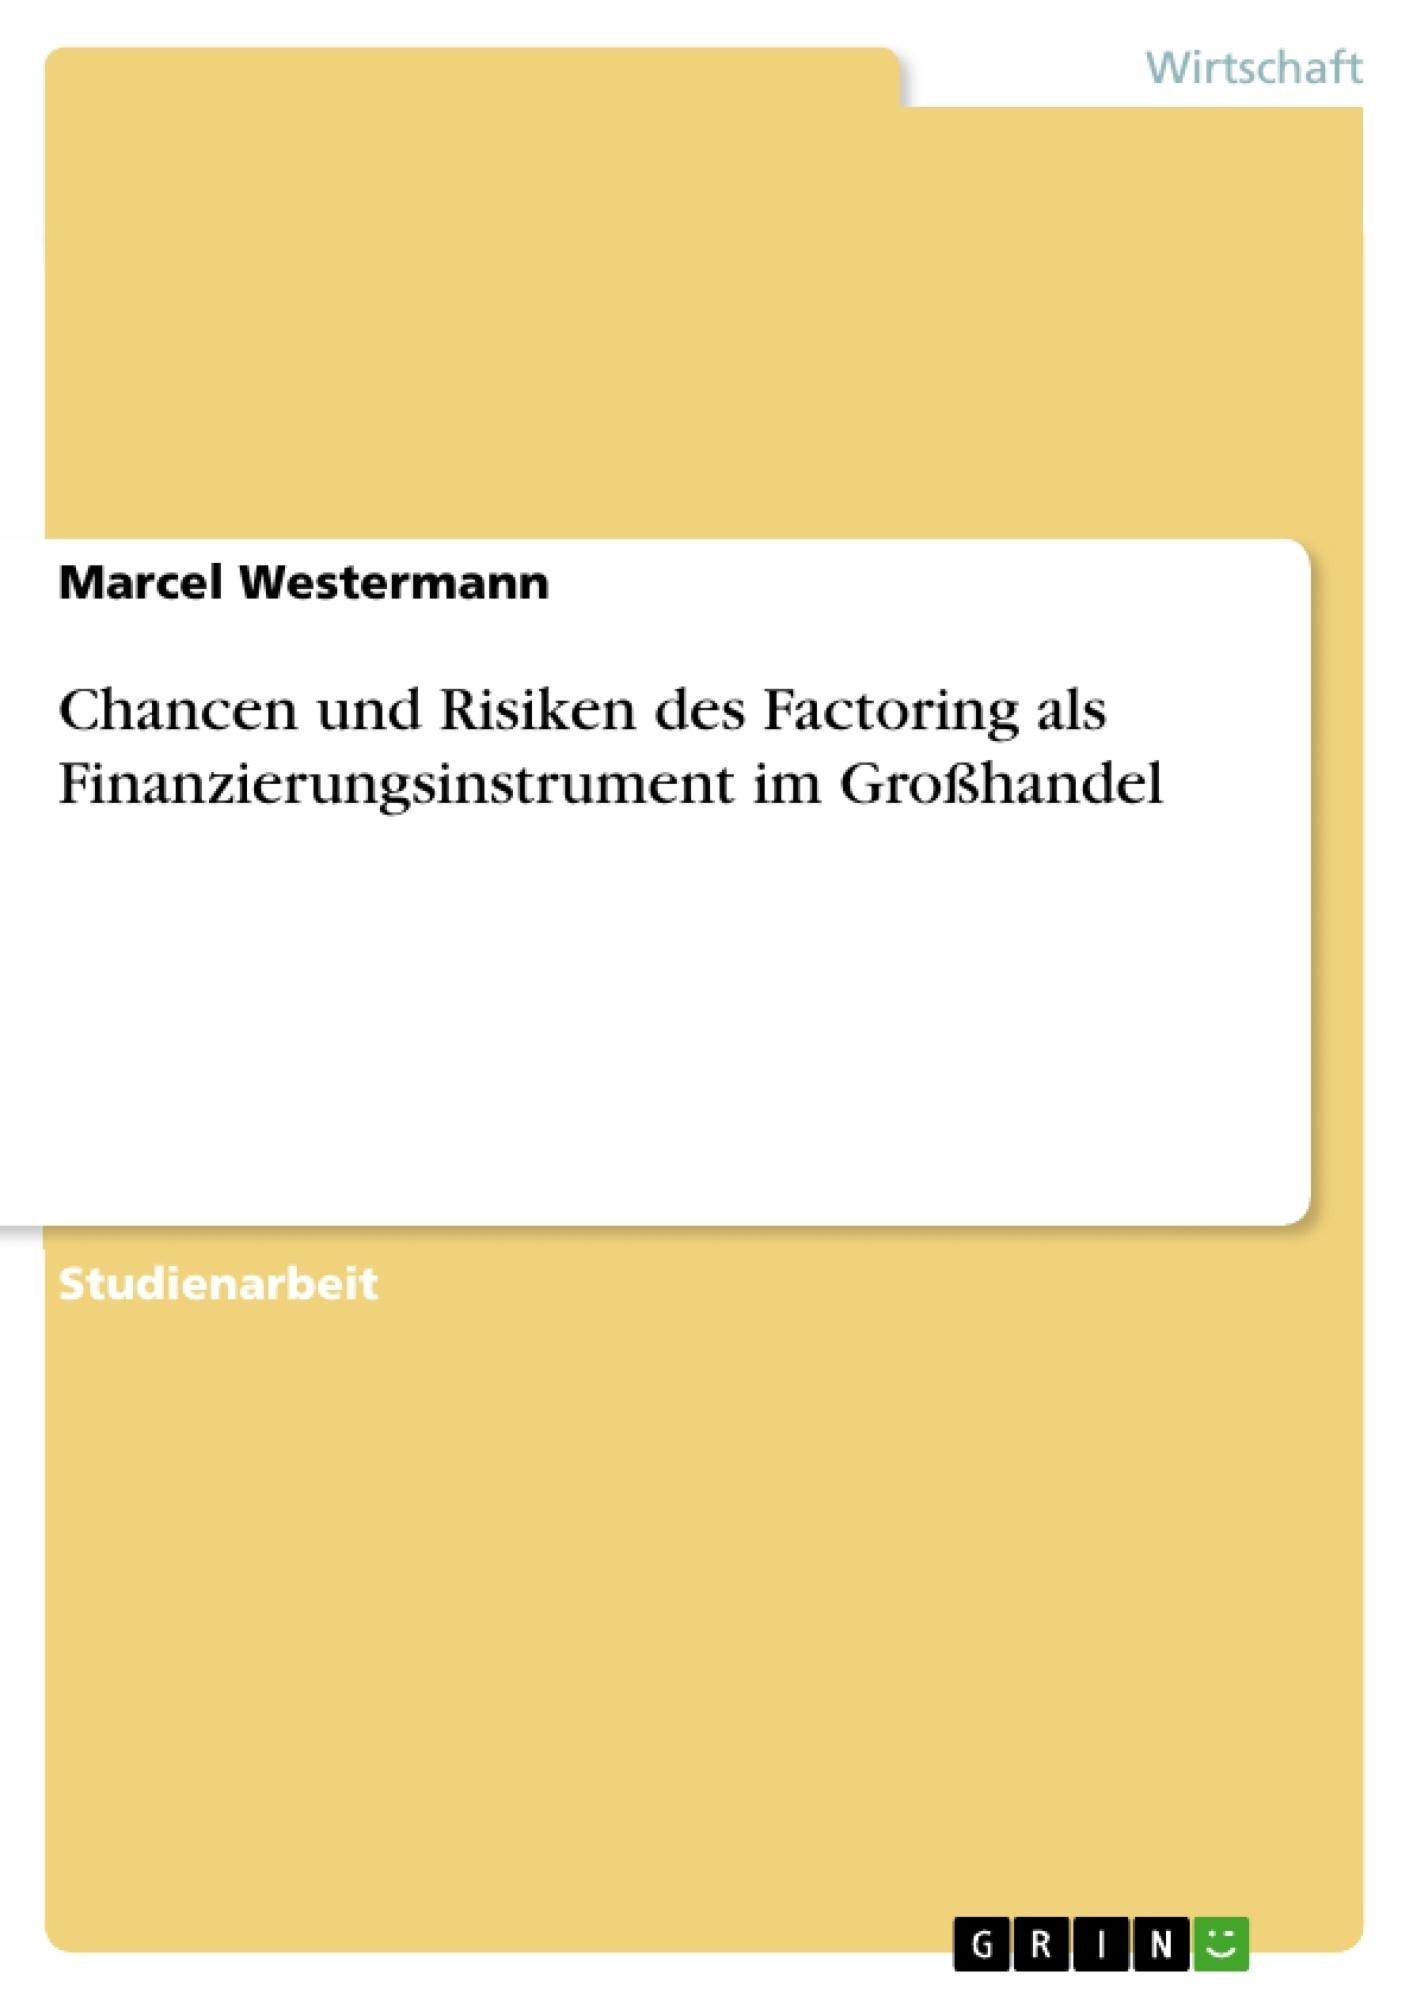 Titel: Chancen und Risiken des Factoring als Finanzierungsinstrument im Großhandel